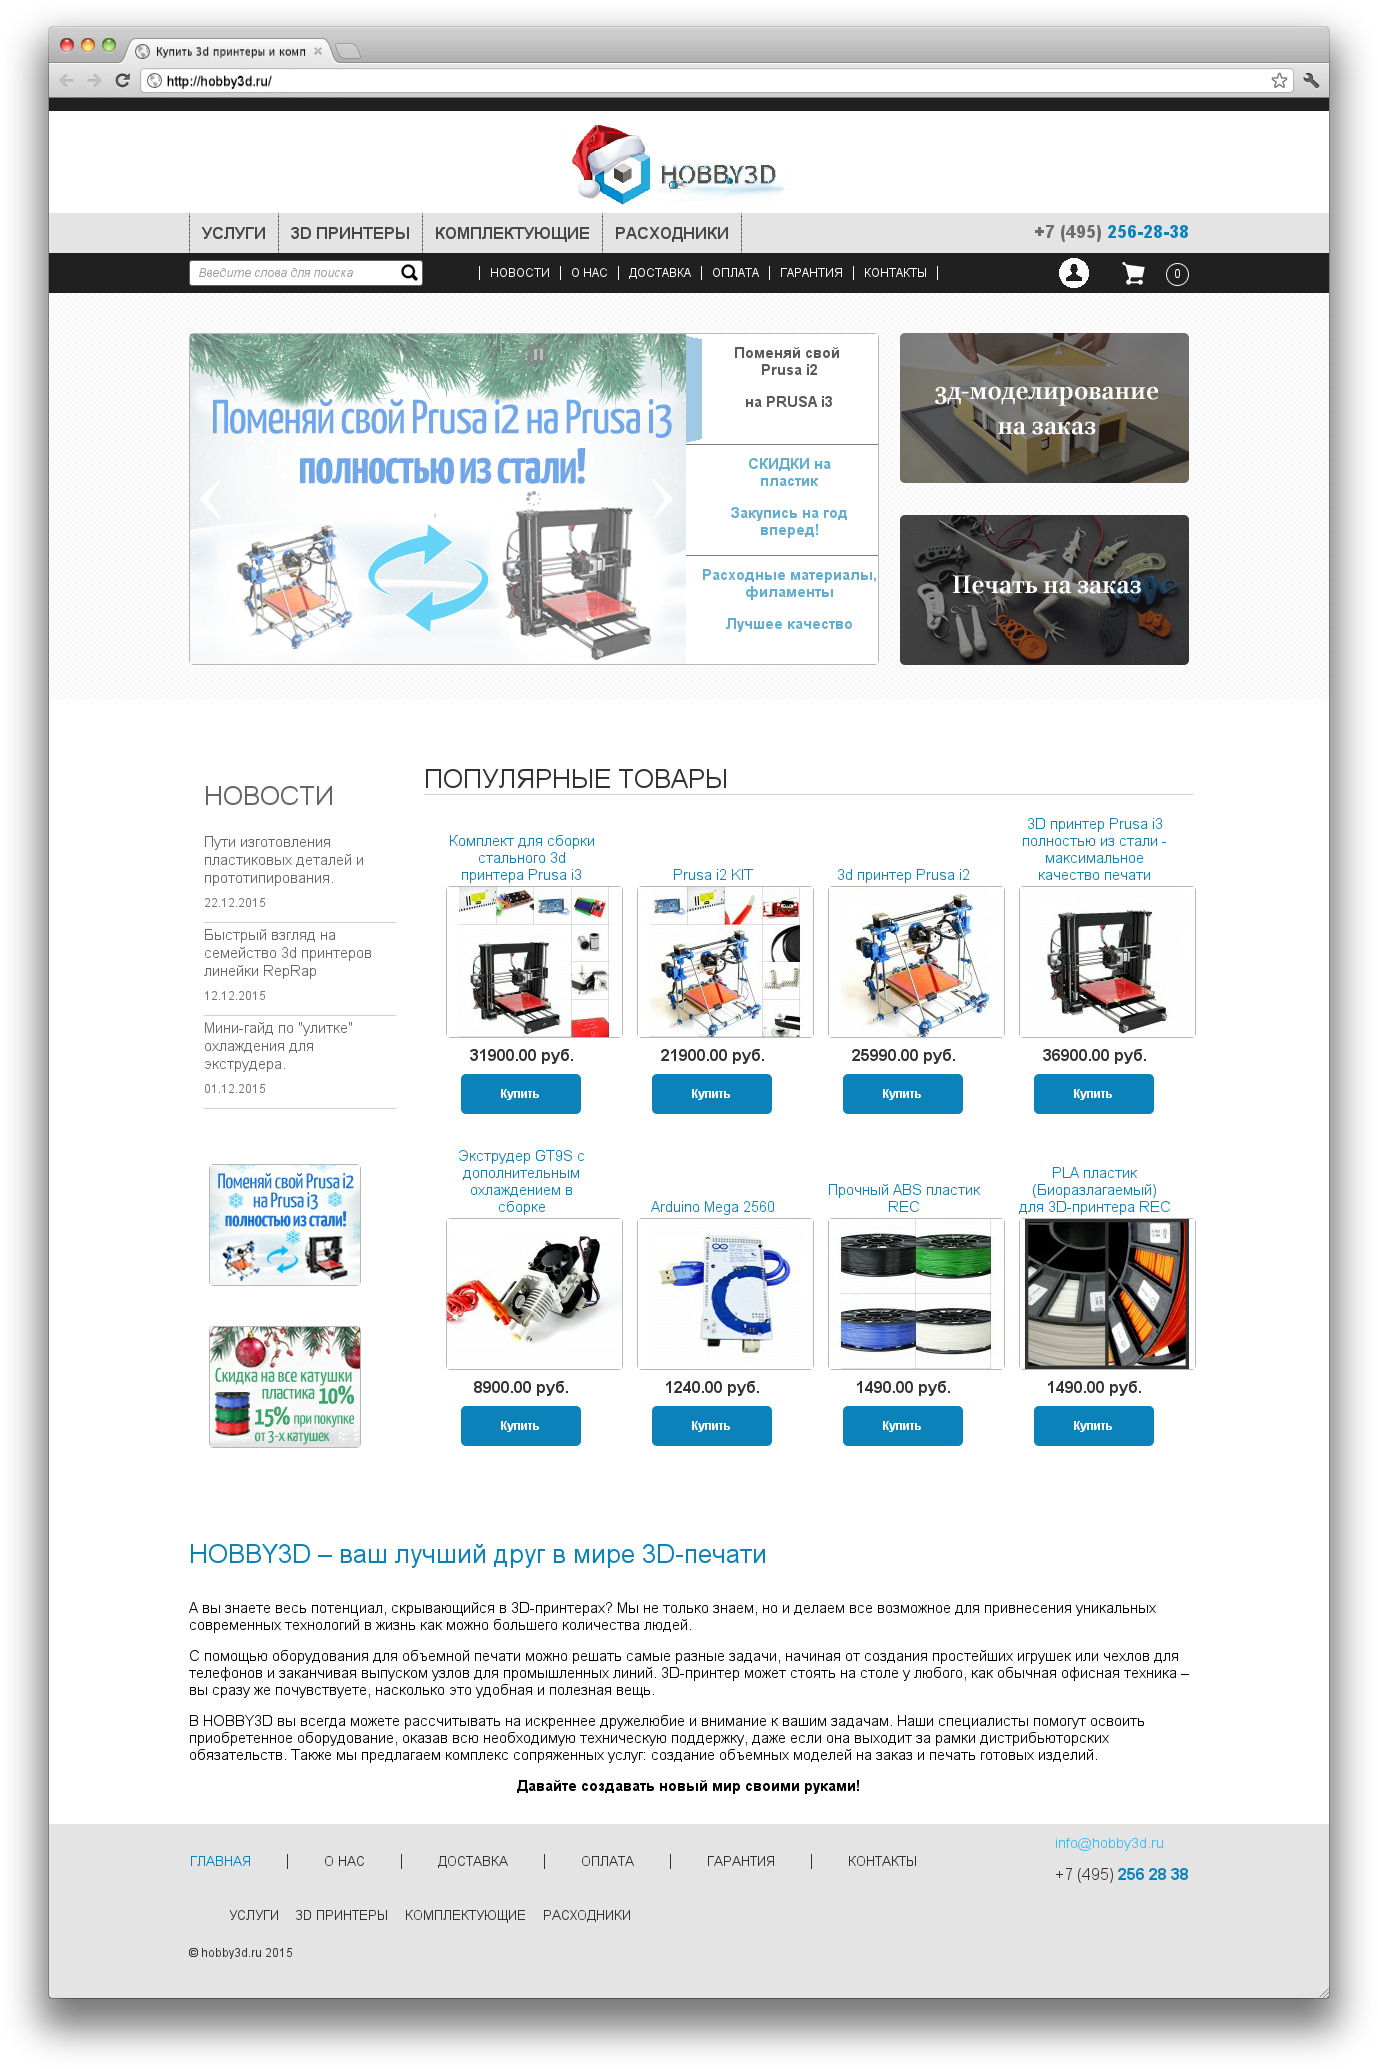 HOBBY3D - Интернет магазин 3d принтеров и комплектующих в Москве